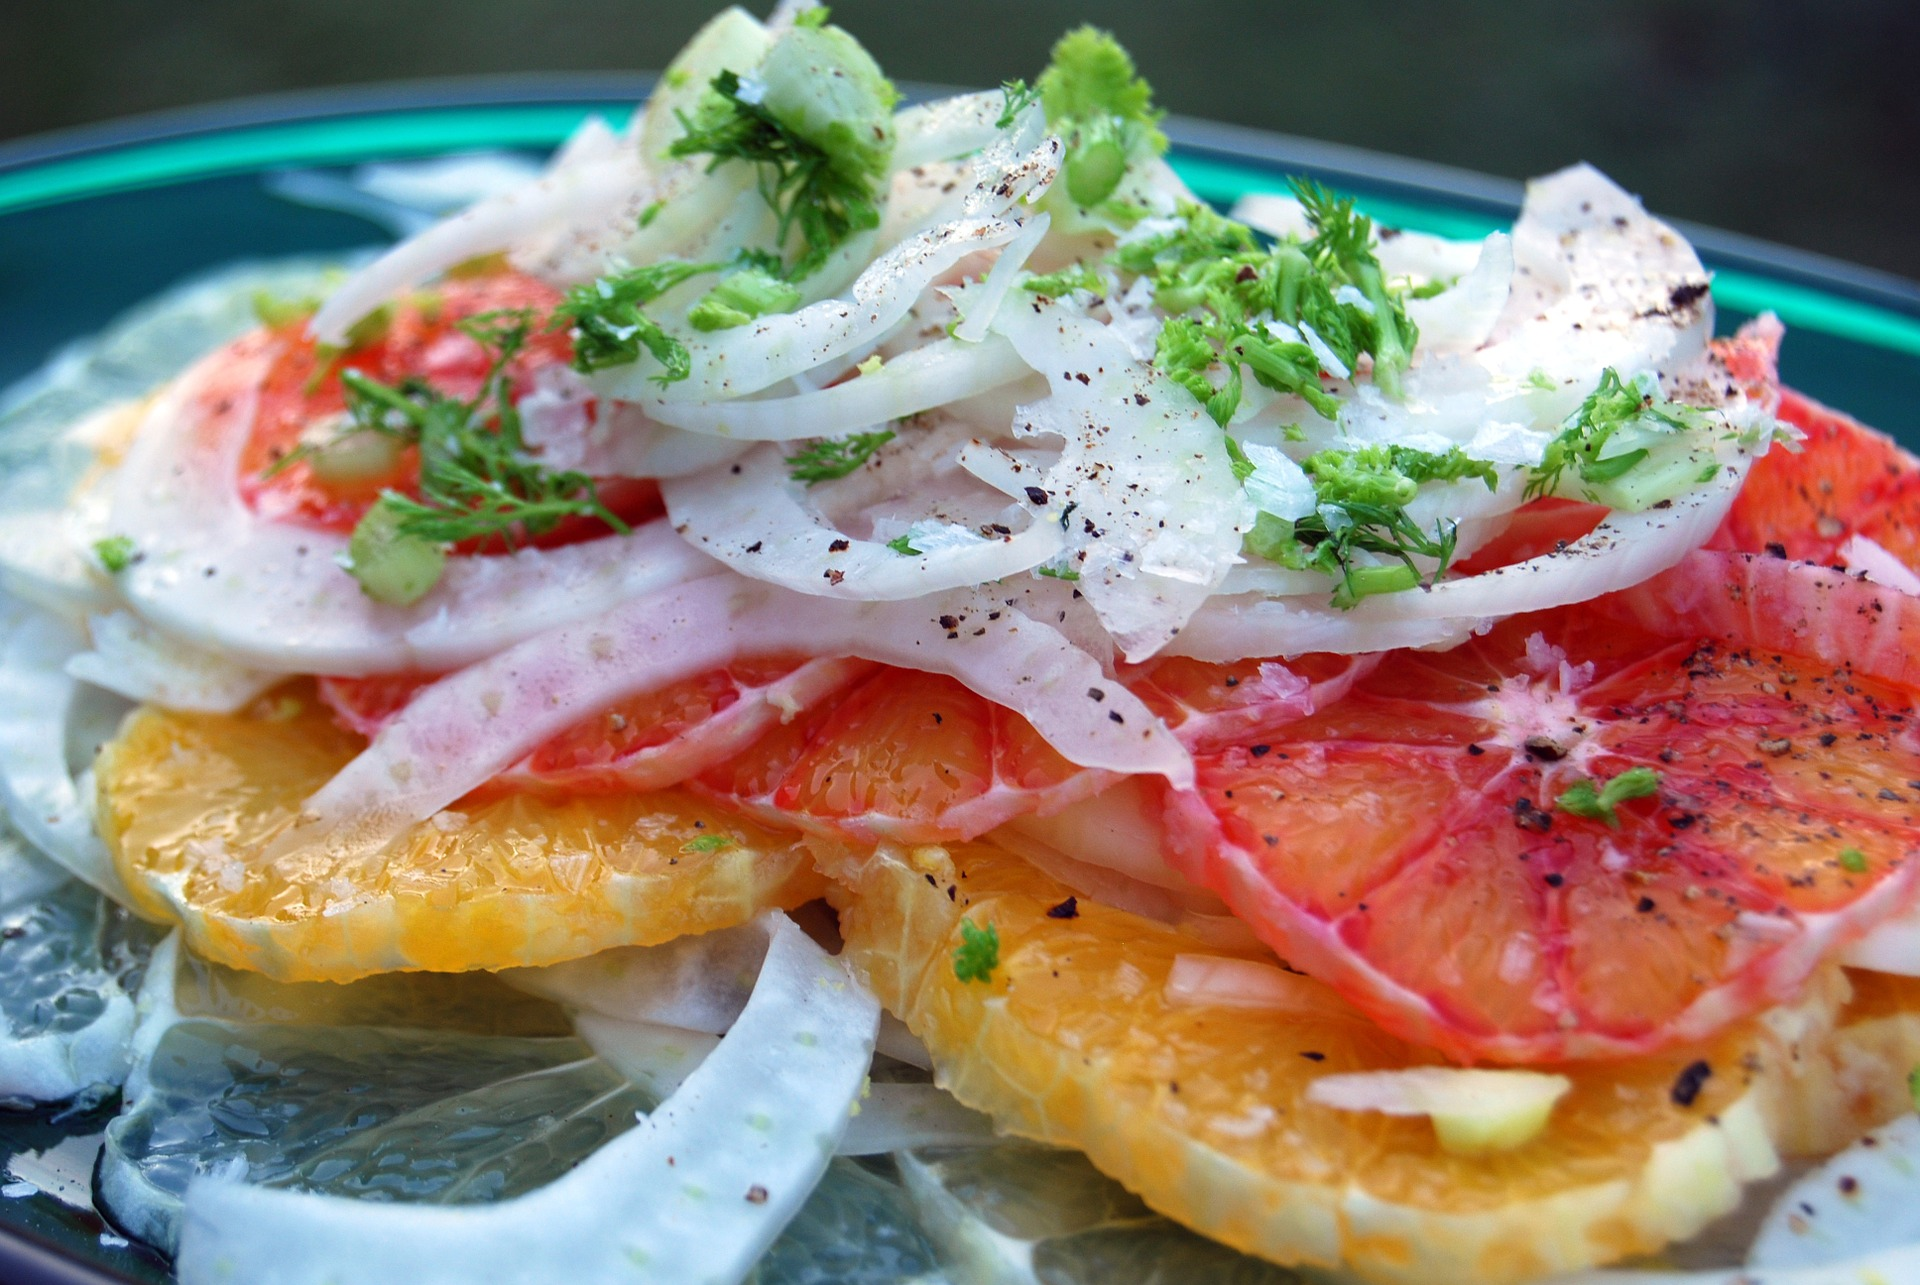 Ensalada Malagueña, ensalada fría, ensalada refrescante, ensalada para el verano, ensalada de naranja, ensalada de bacalao y naranja